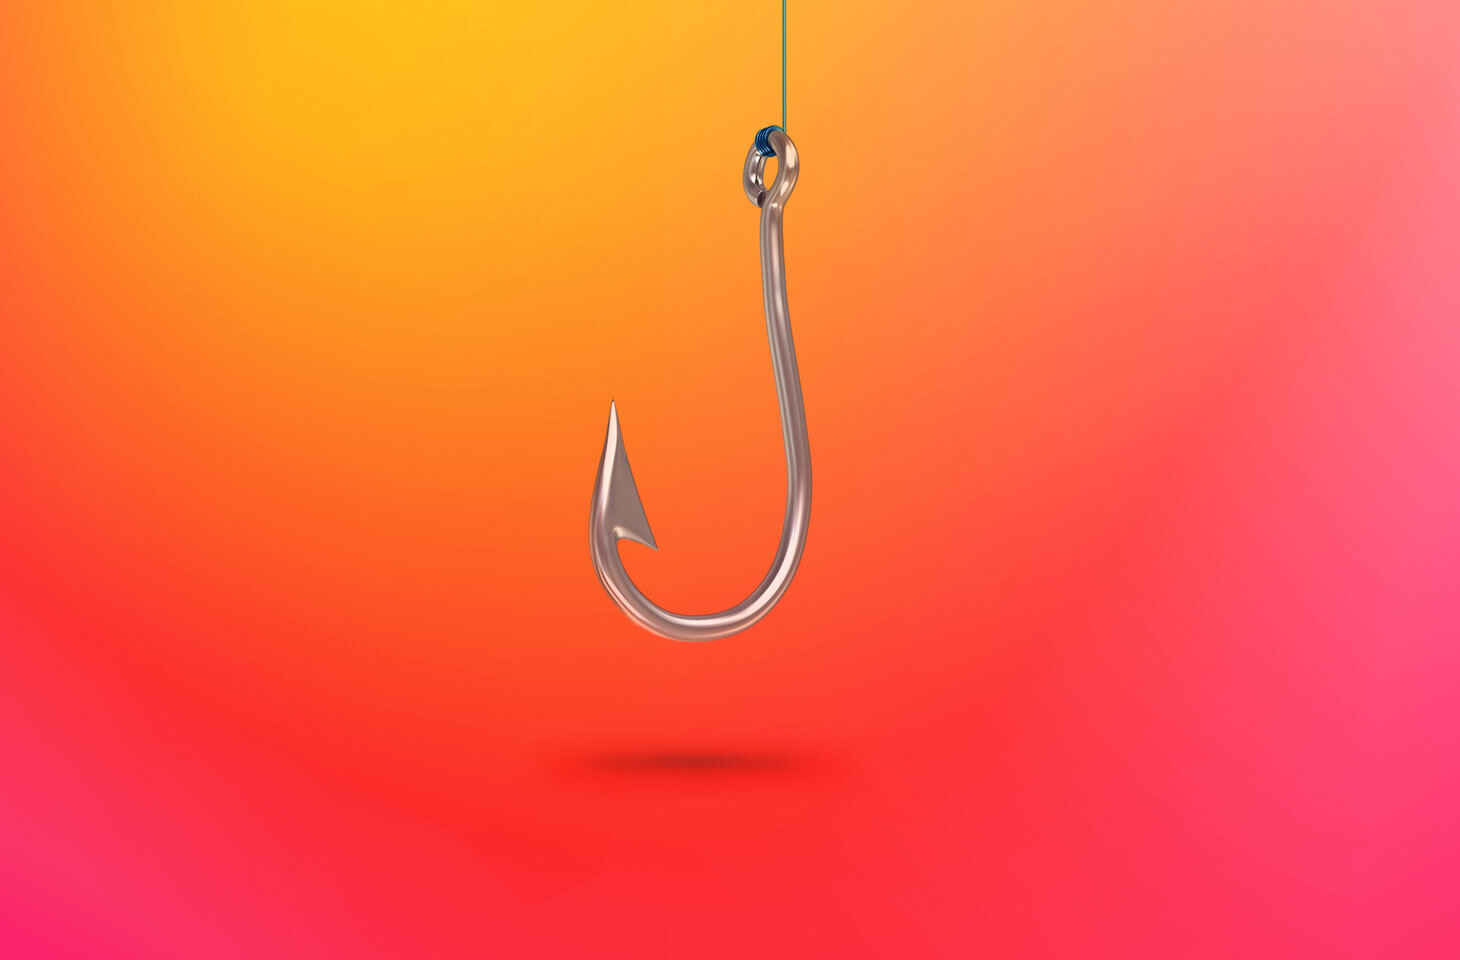 通过电子邮件营销服务进行网络钓鱼攻击 | 卡巴斯基官方博客